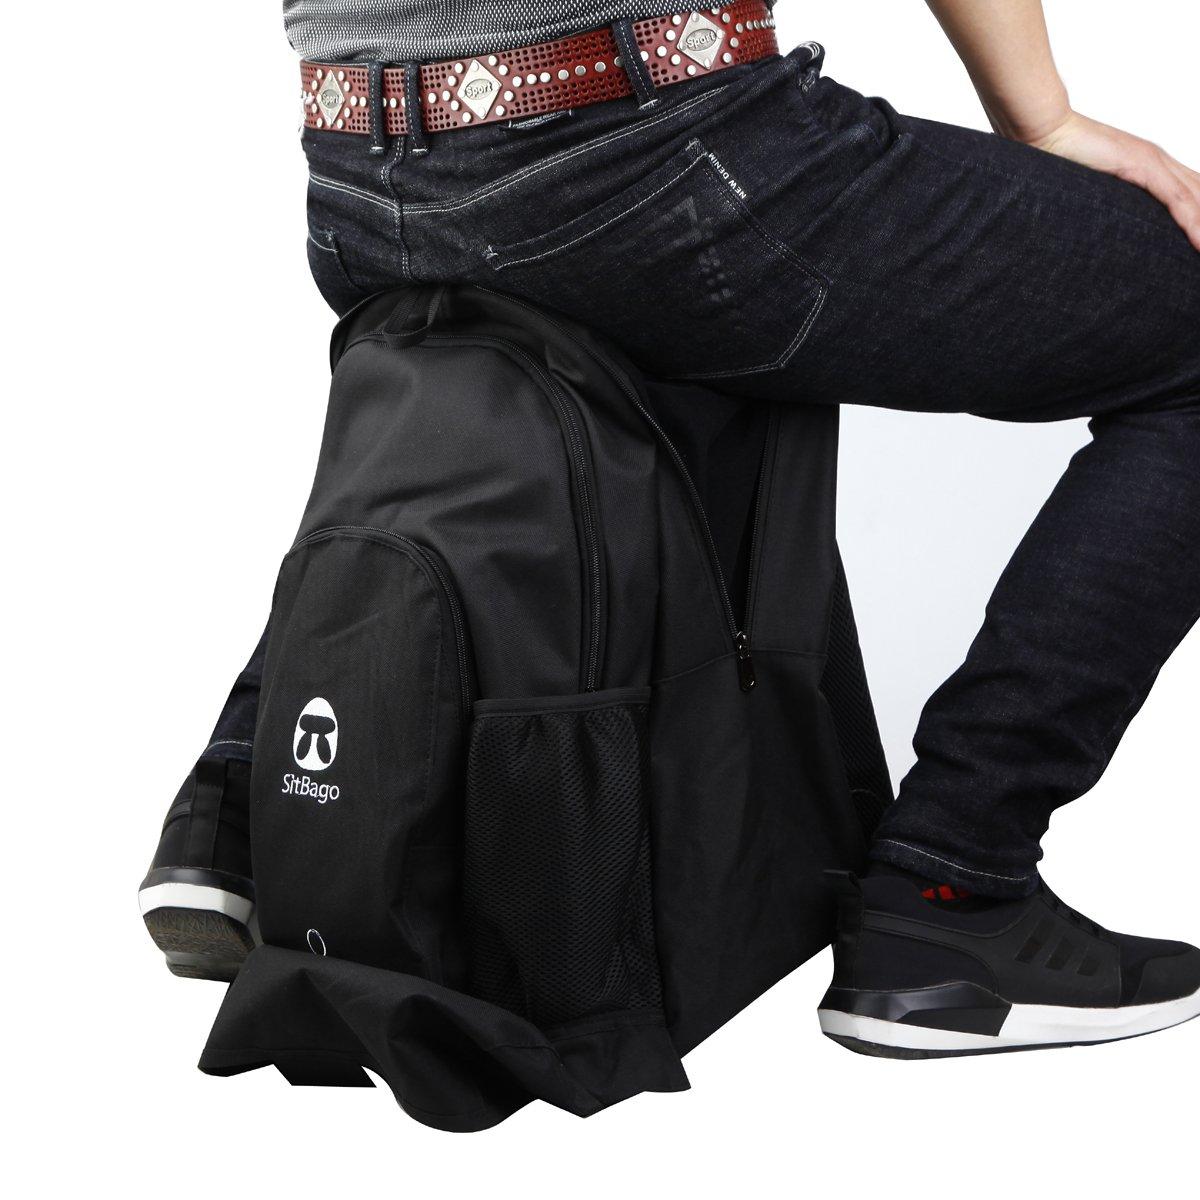 wstoo Hochleistungs kann sitzen Rucksack Multi–Funktioneller Rucksack Große Kapazität Outdoor Bergsteigen Rucksack Rucksack-stuhl, zusammenklappbar